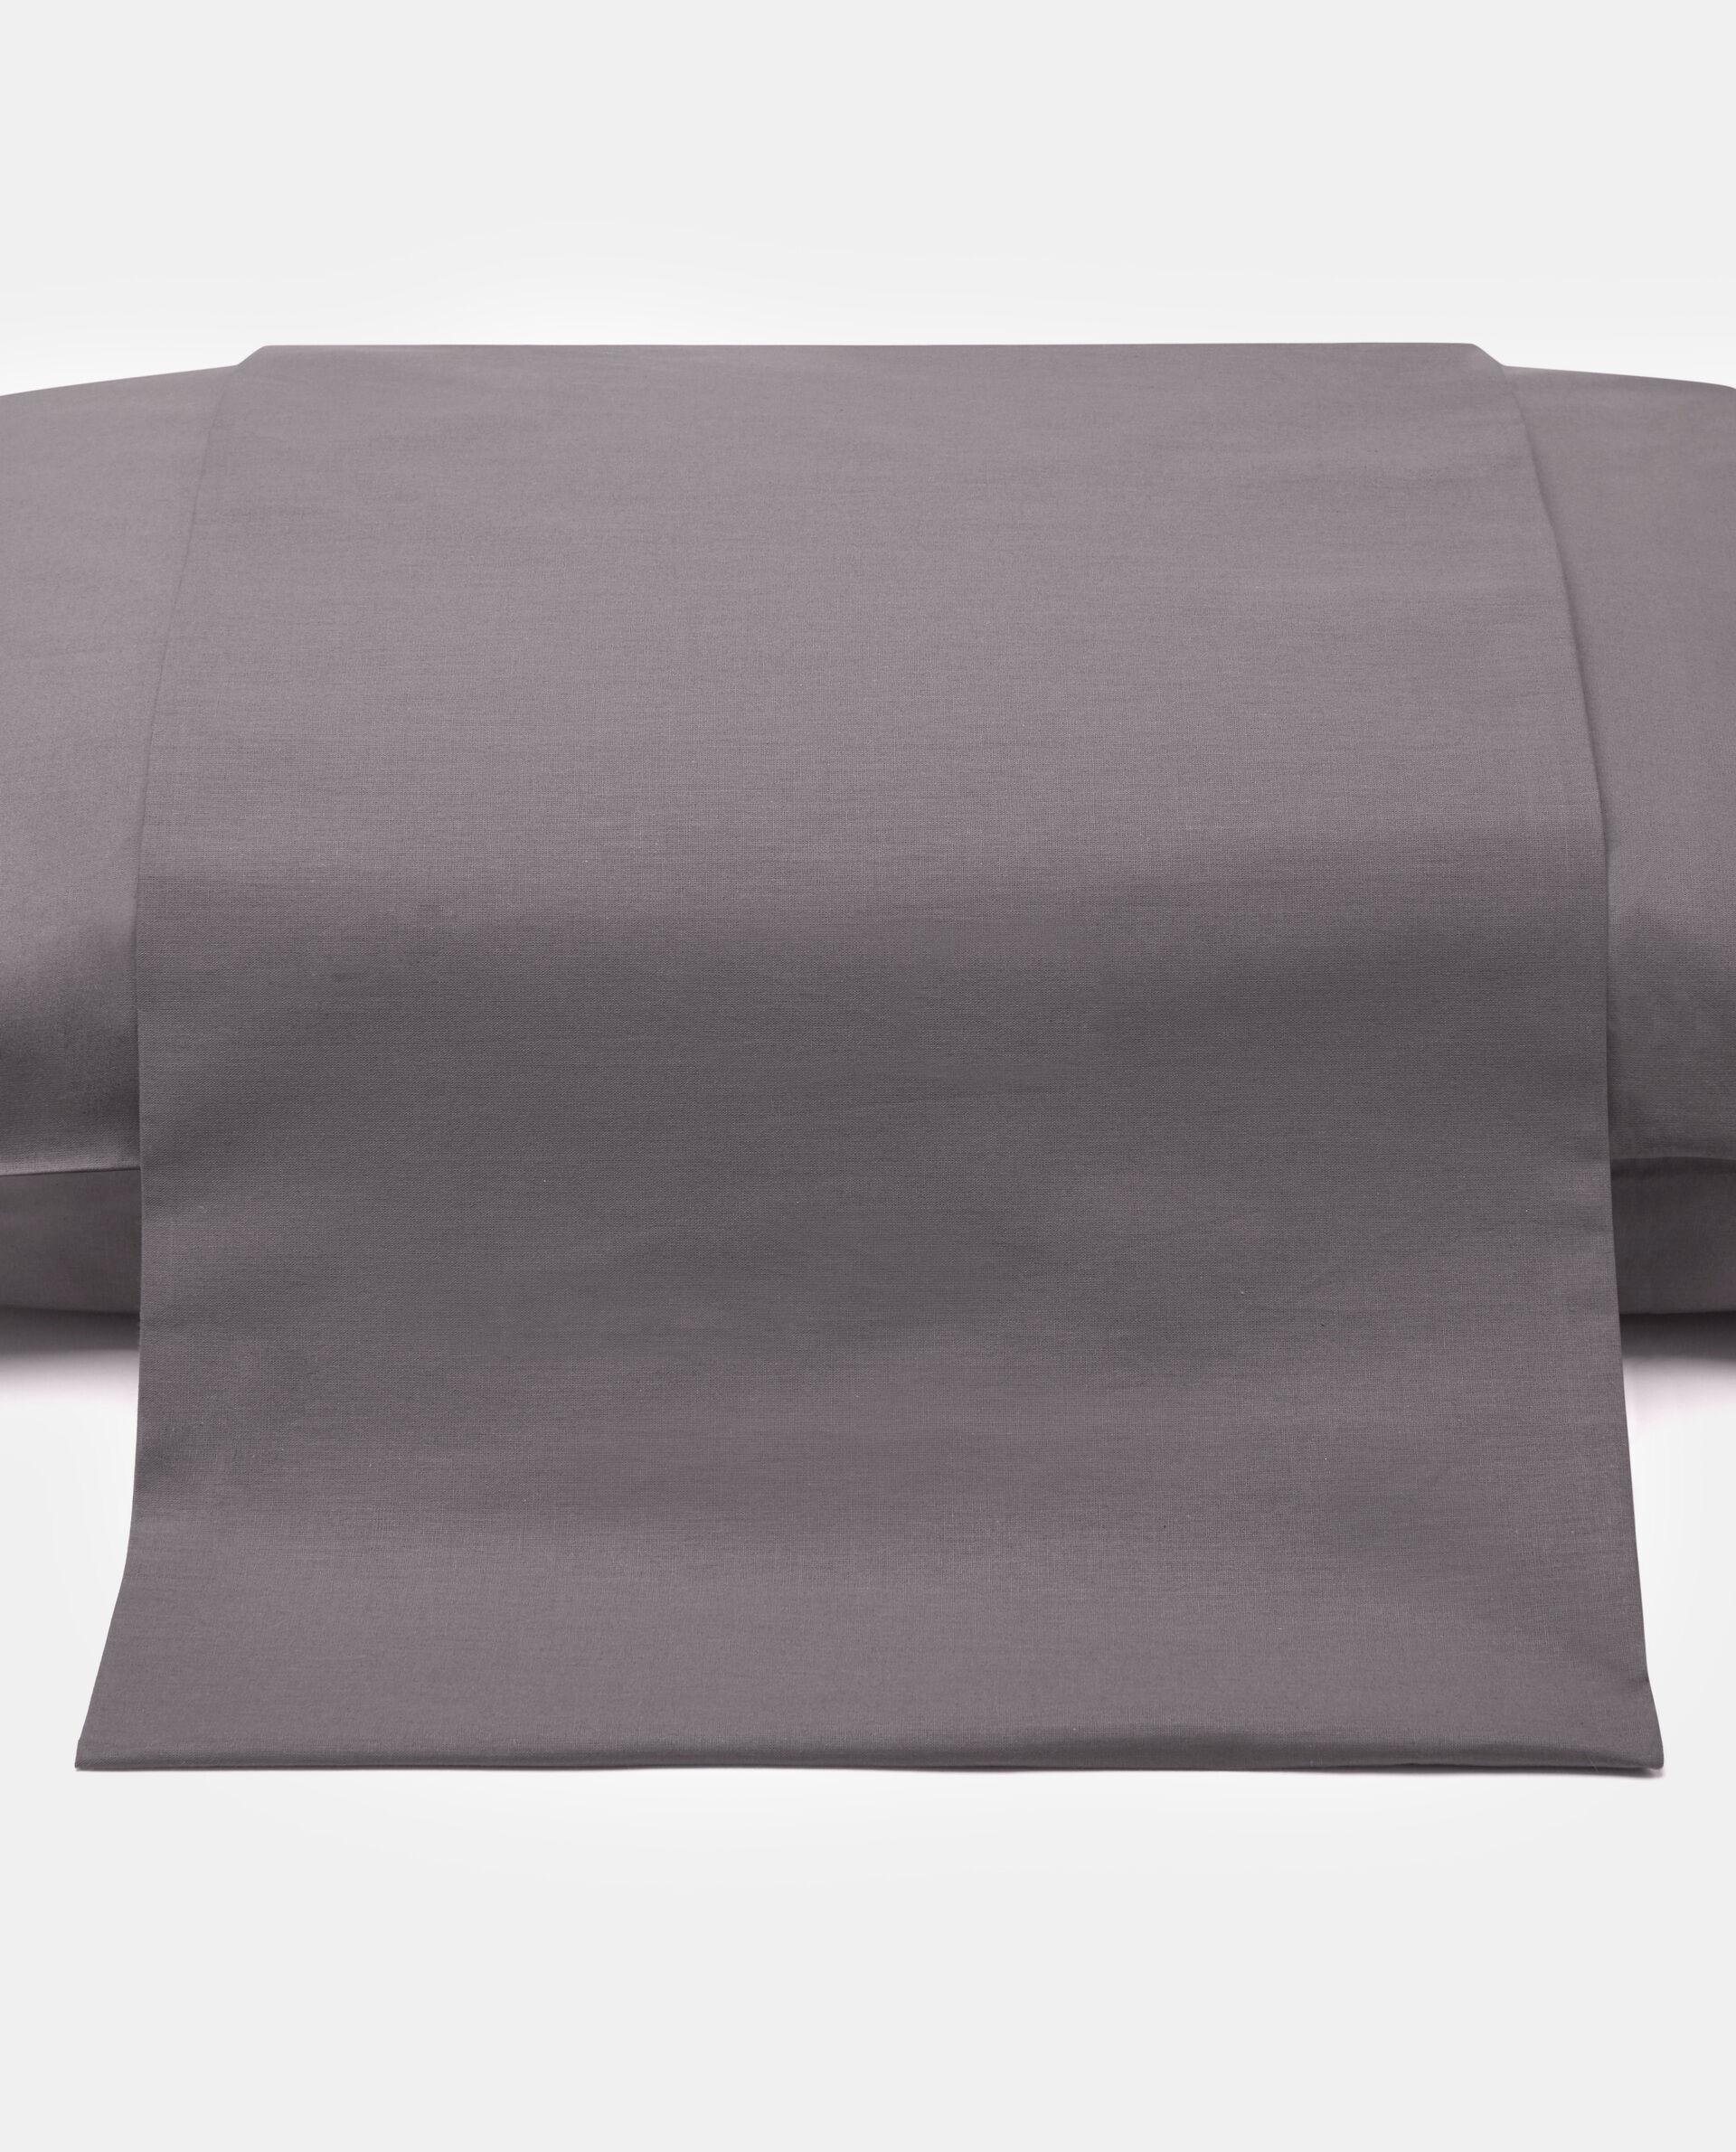 Copripiumino in puro cotone 155x200cm